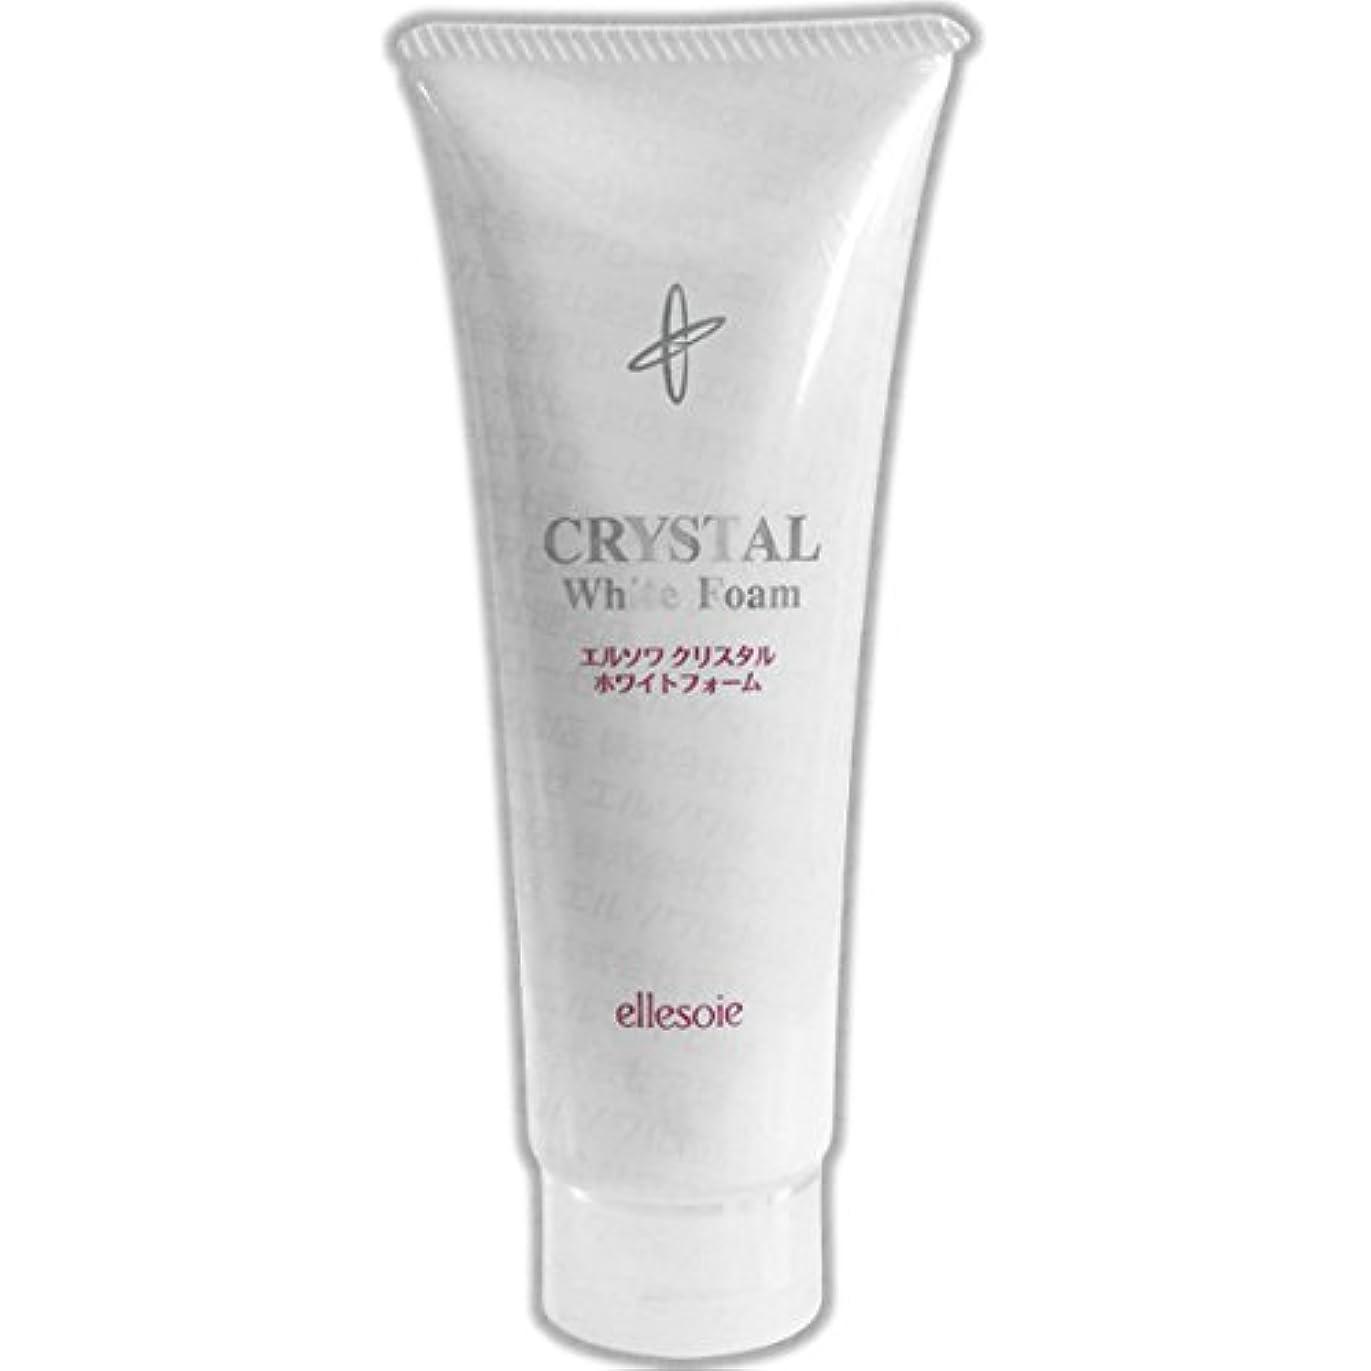 発掘サロン借りているエルソワ化粧品(ellesoie) クリスタル ホワイトフォーム 洗顔